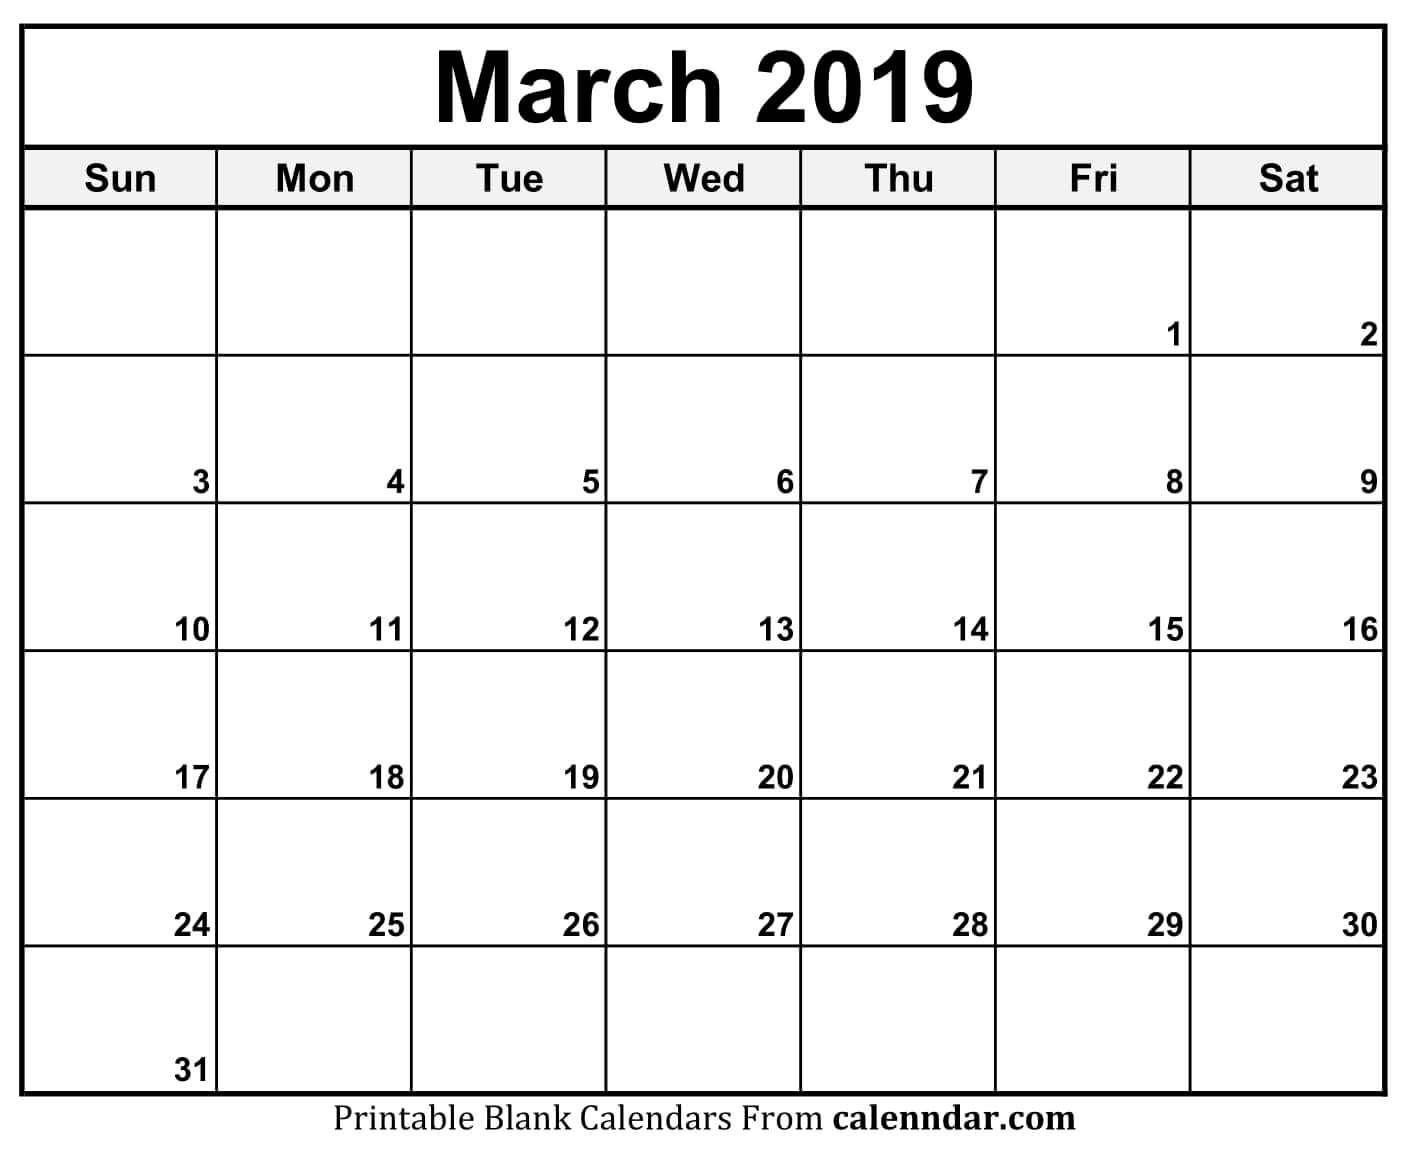 March Calendar 2019 11X17 | 2019 Calendars | Pinterest | Calendar Calendar 2019 11X17